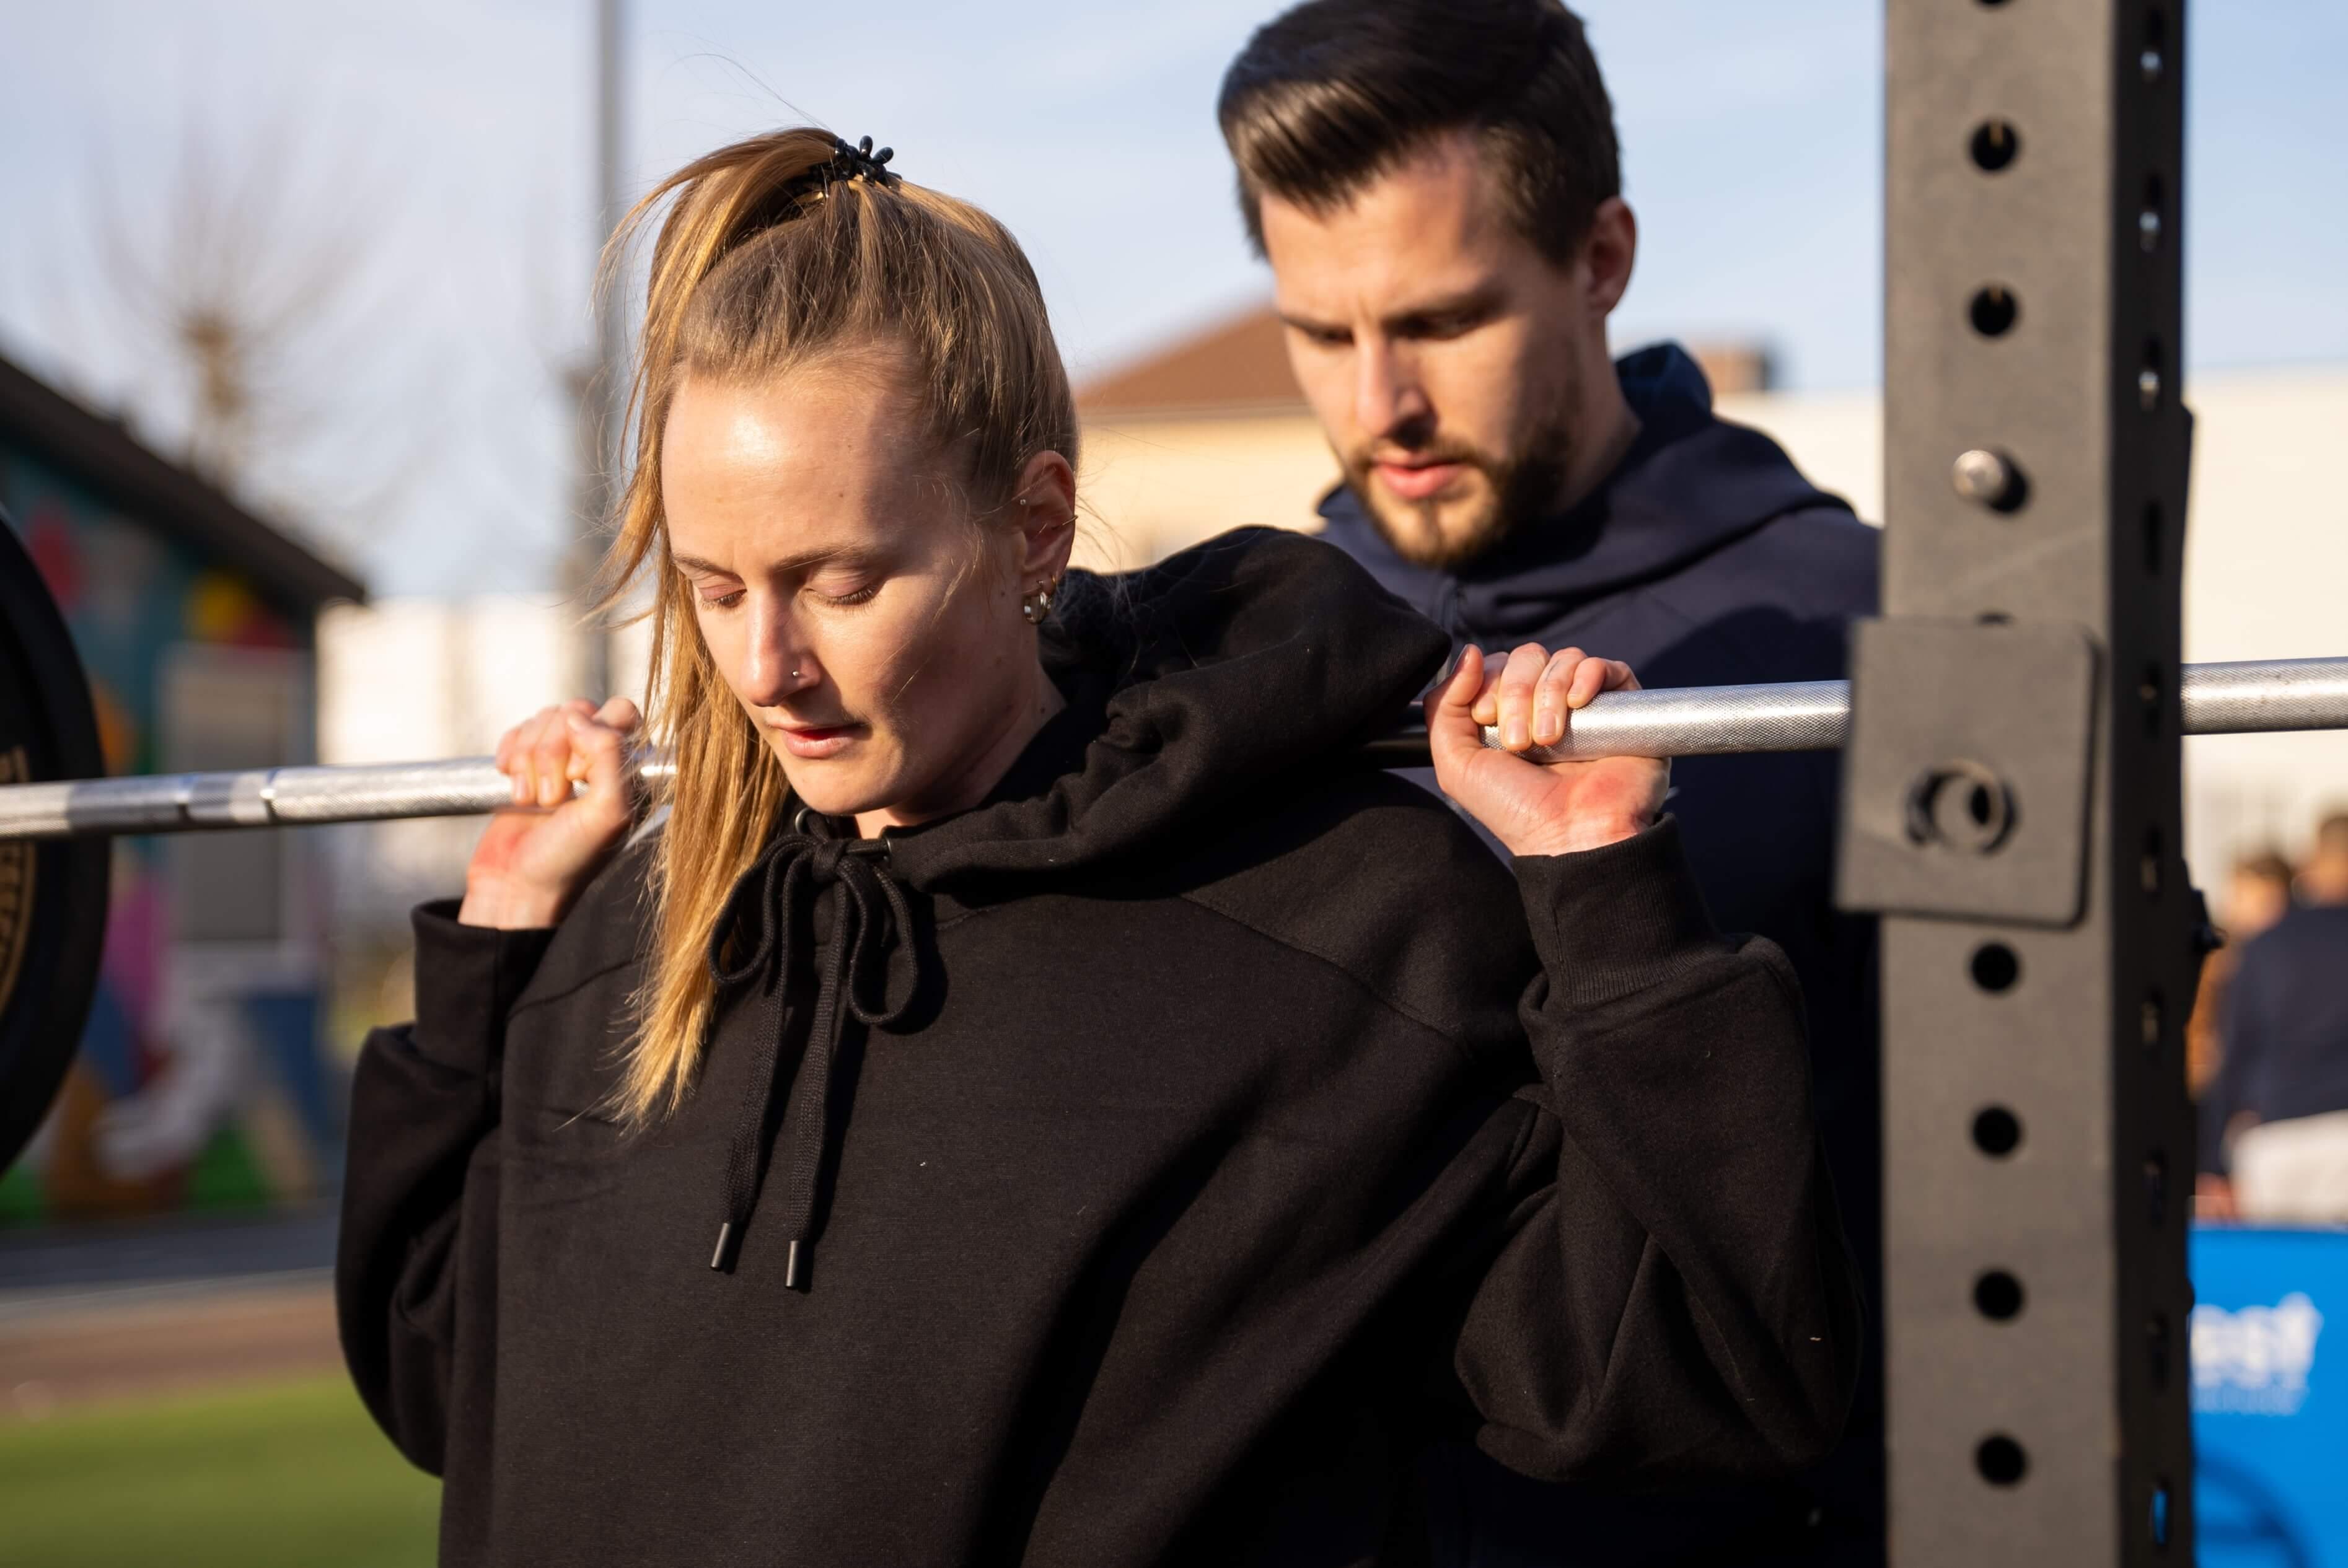 Jules helpt een vrouwelijke klant met squats